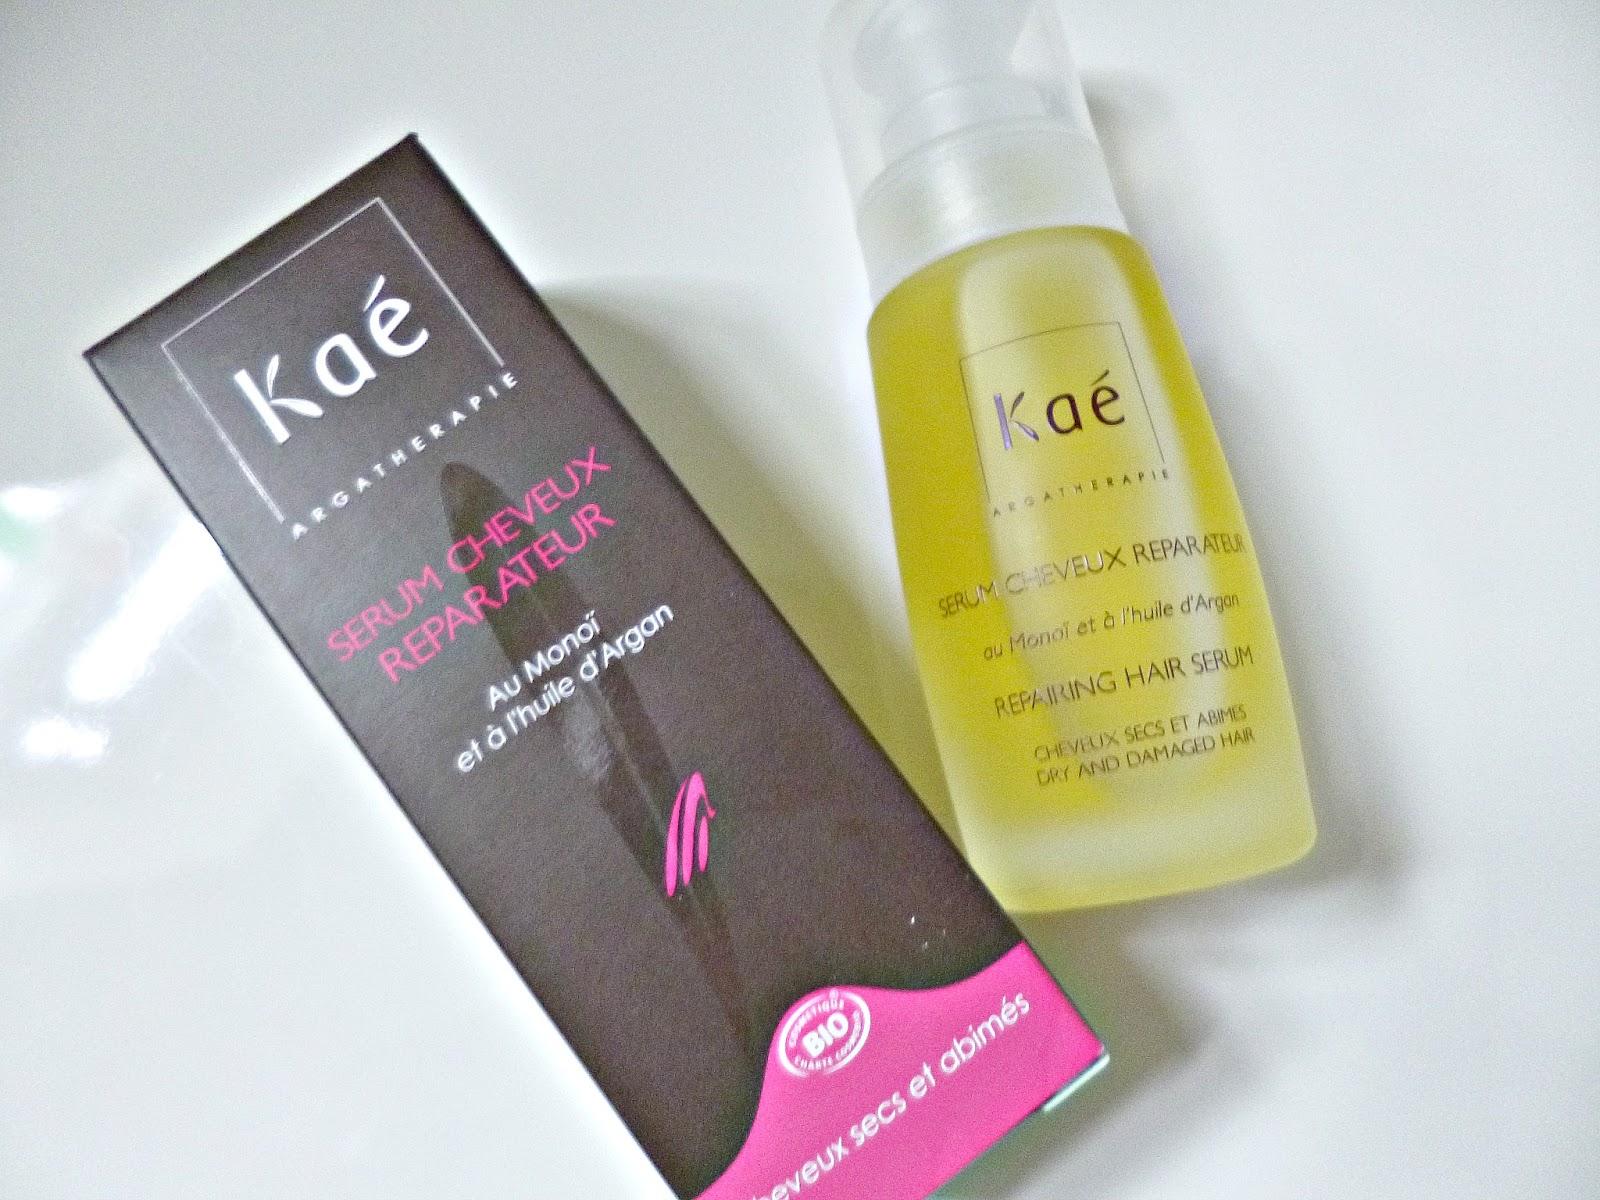 Product love: Kae repairing hair serum